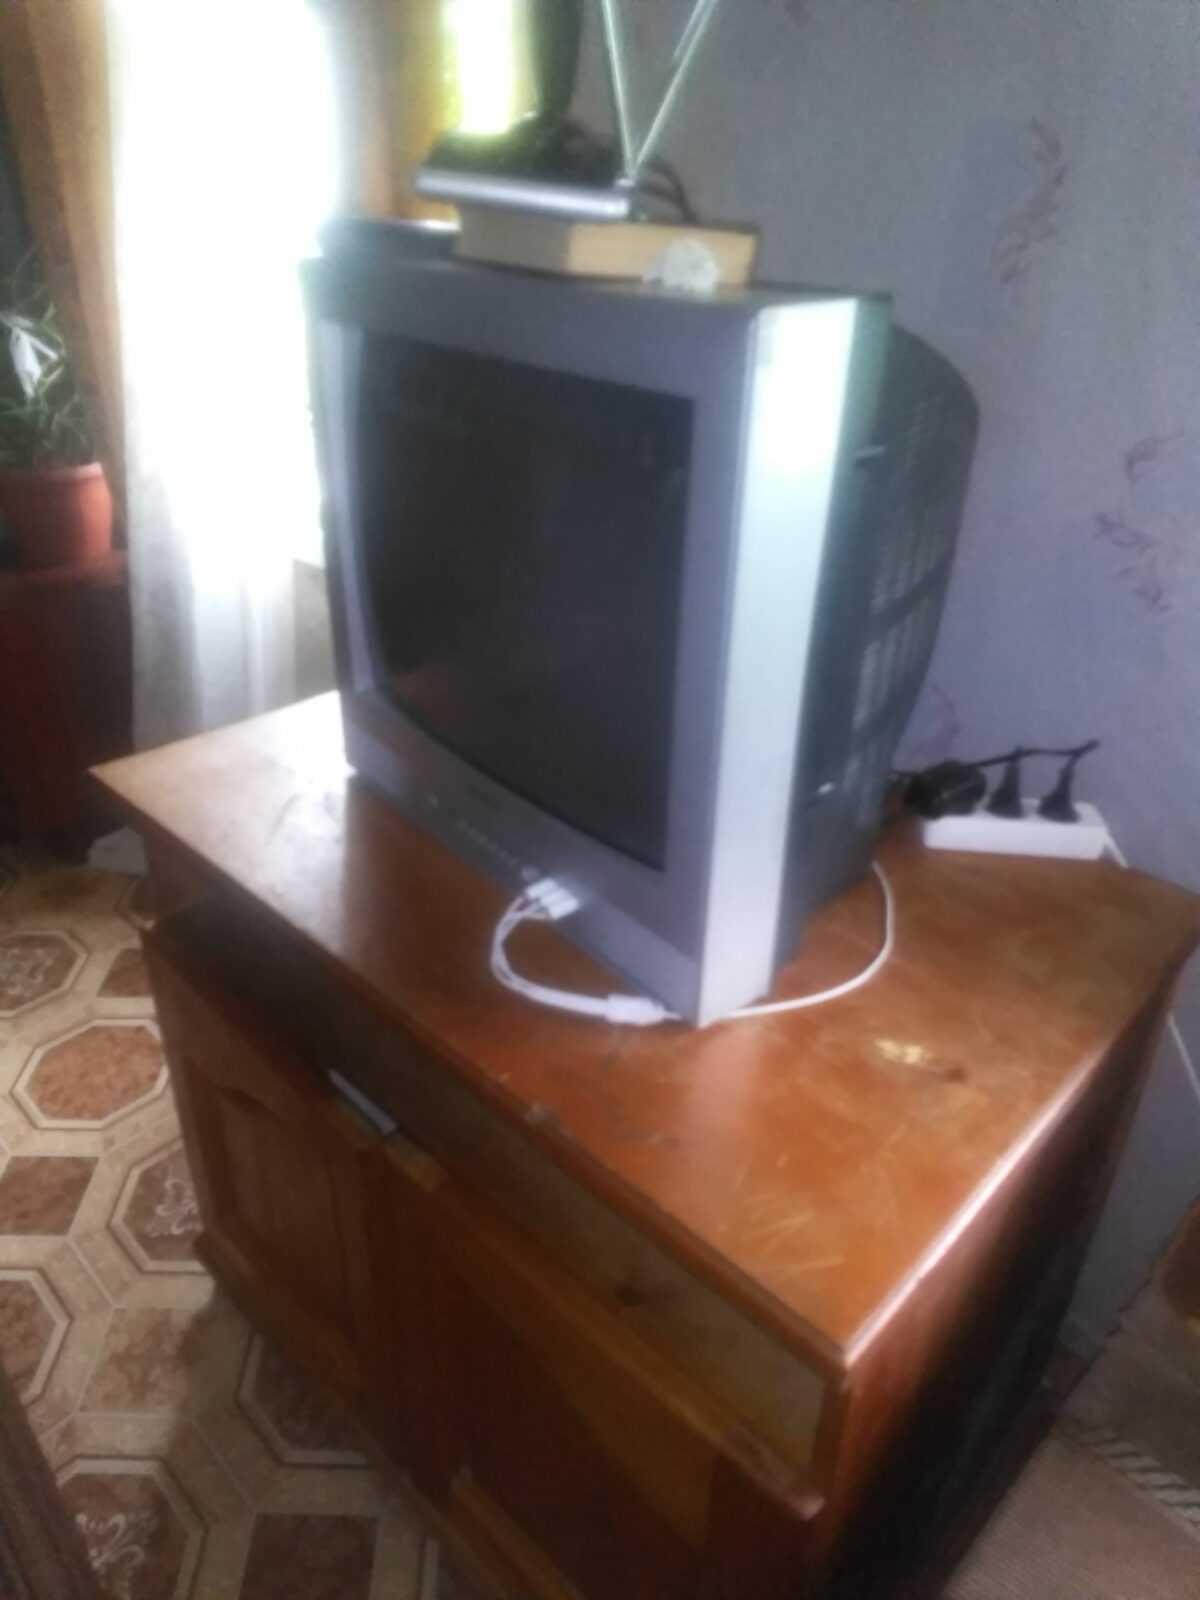 Наш старый телевизор на новый нет денег